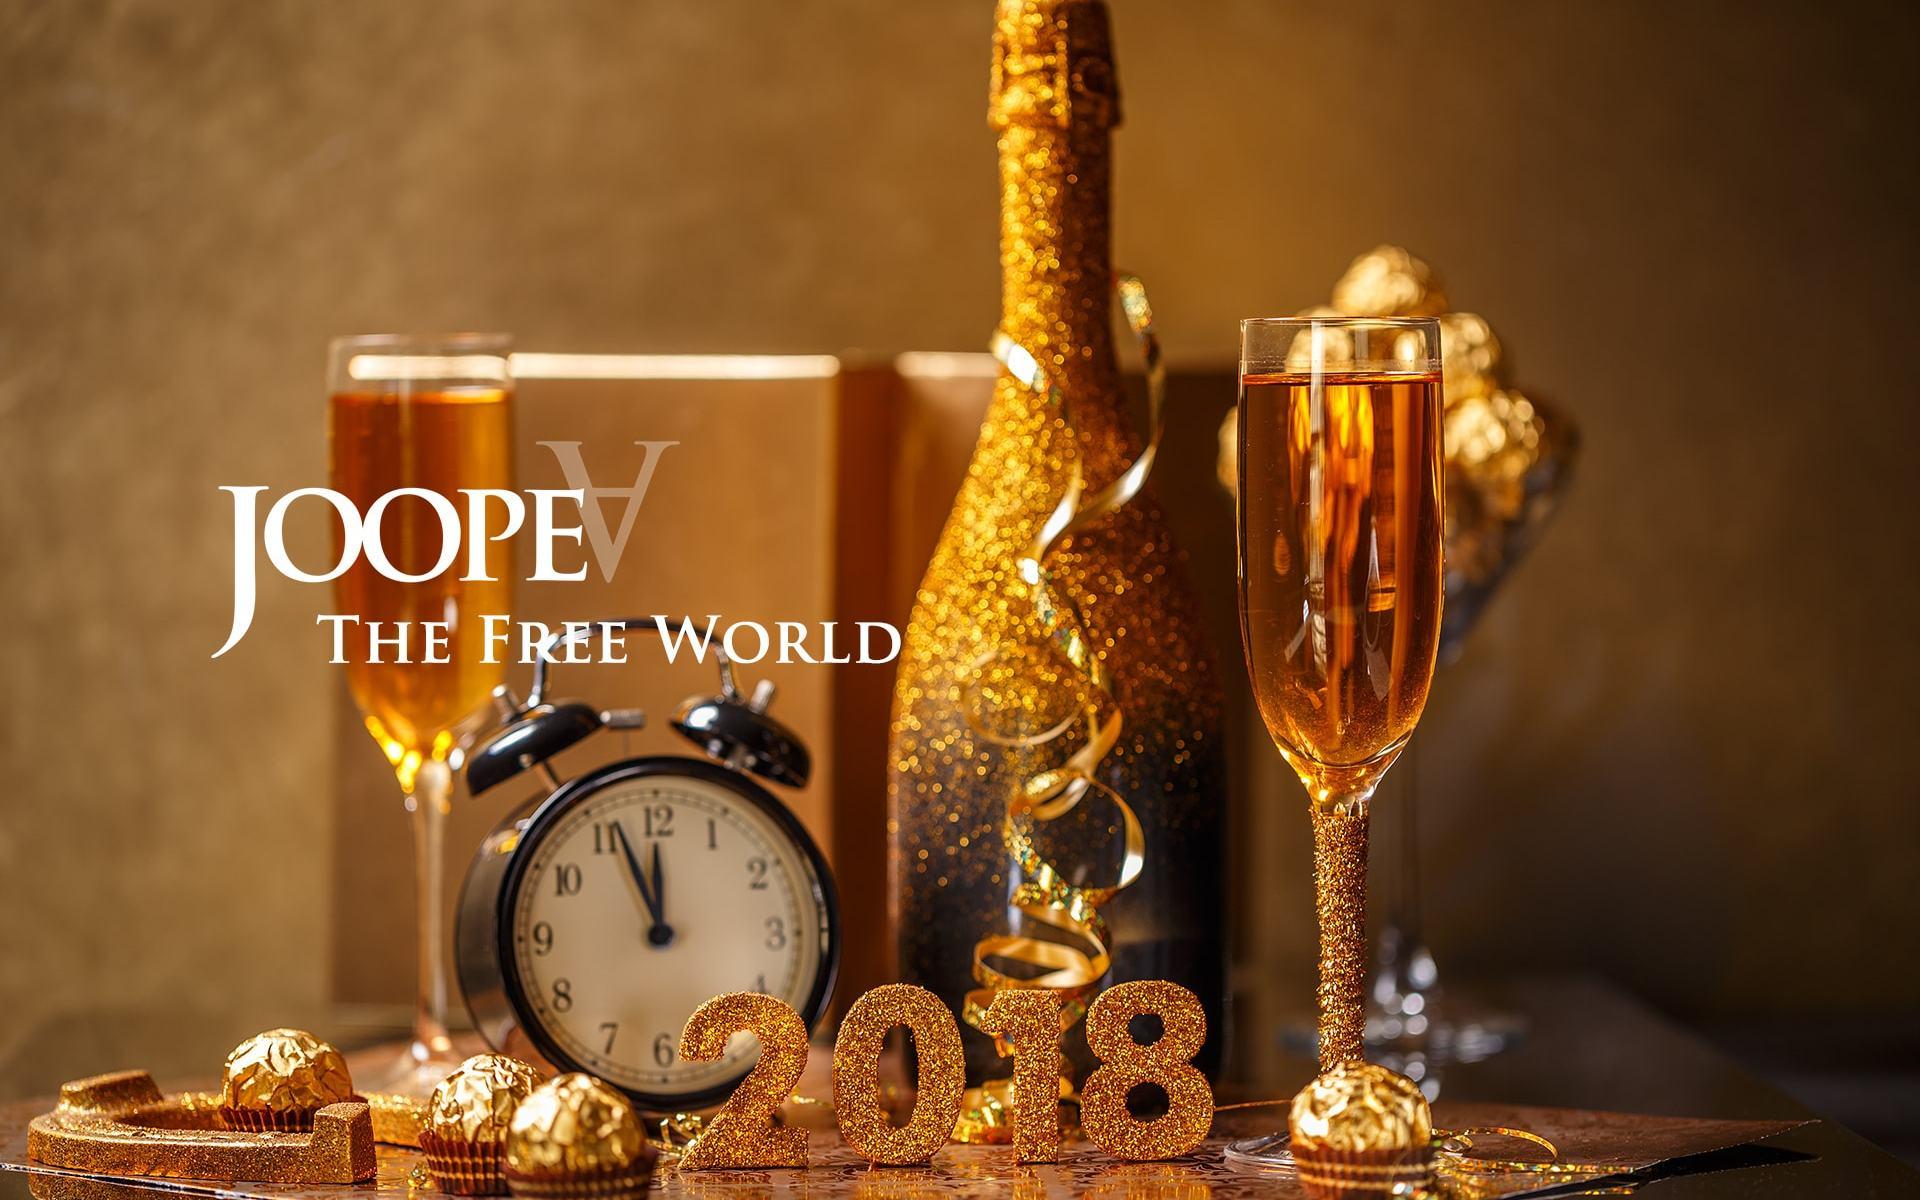 Happy holidays 2017-2018 from JoopeA